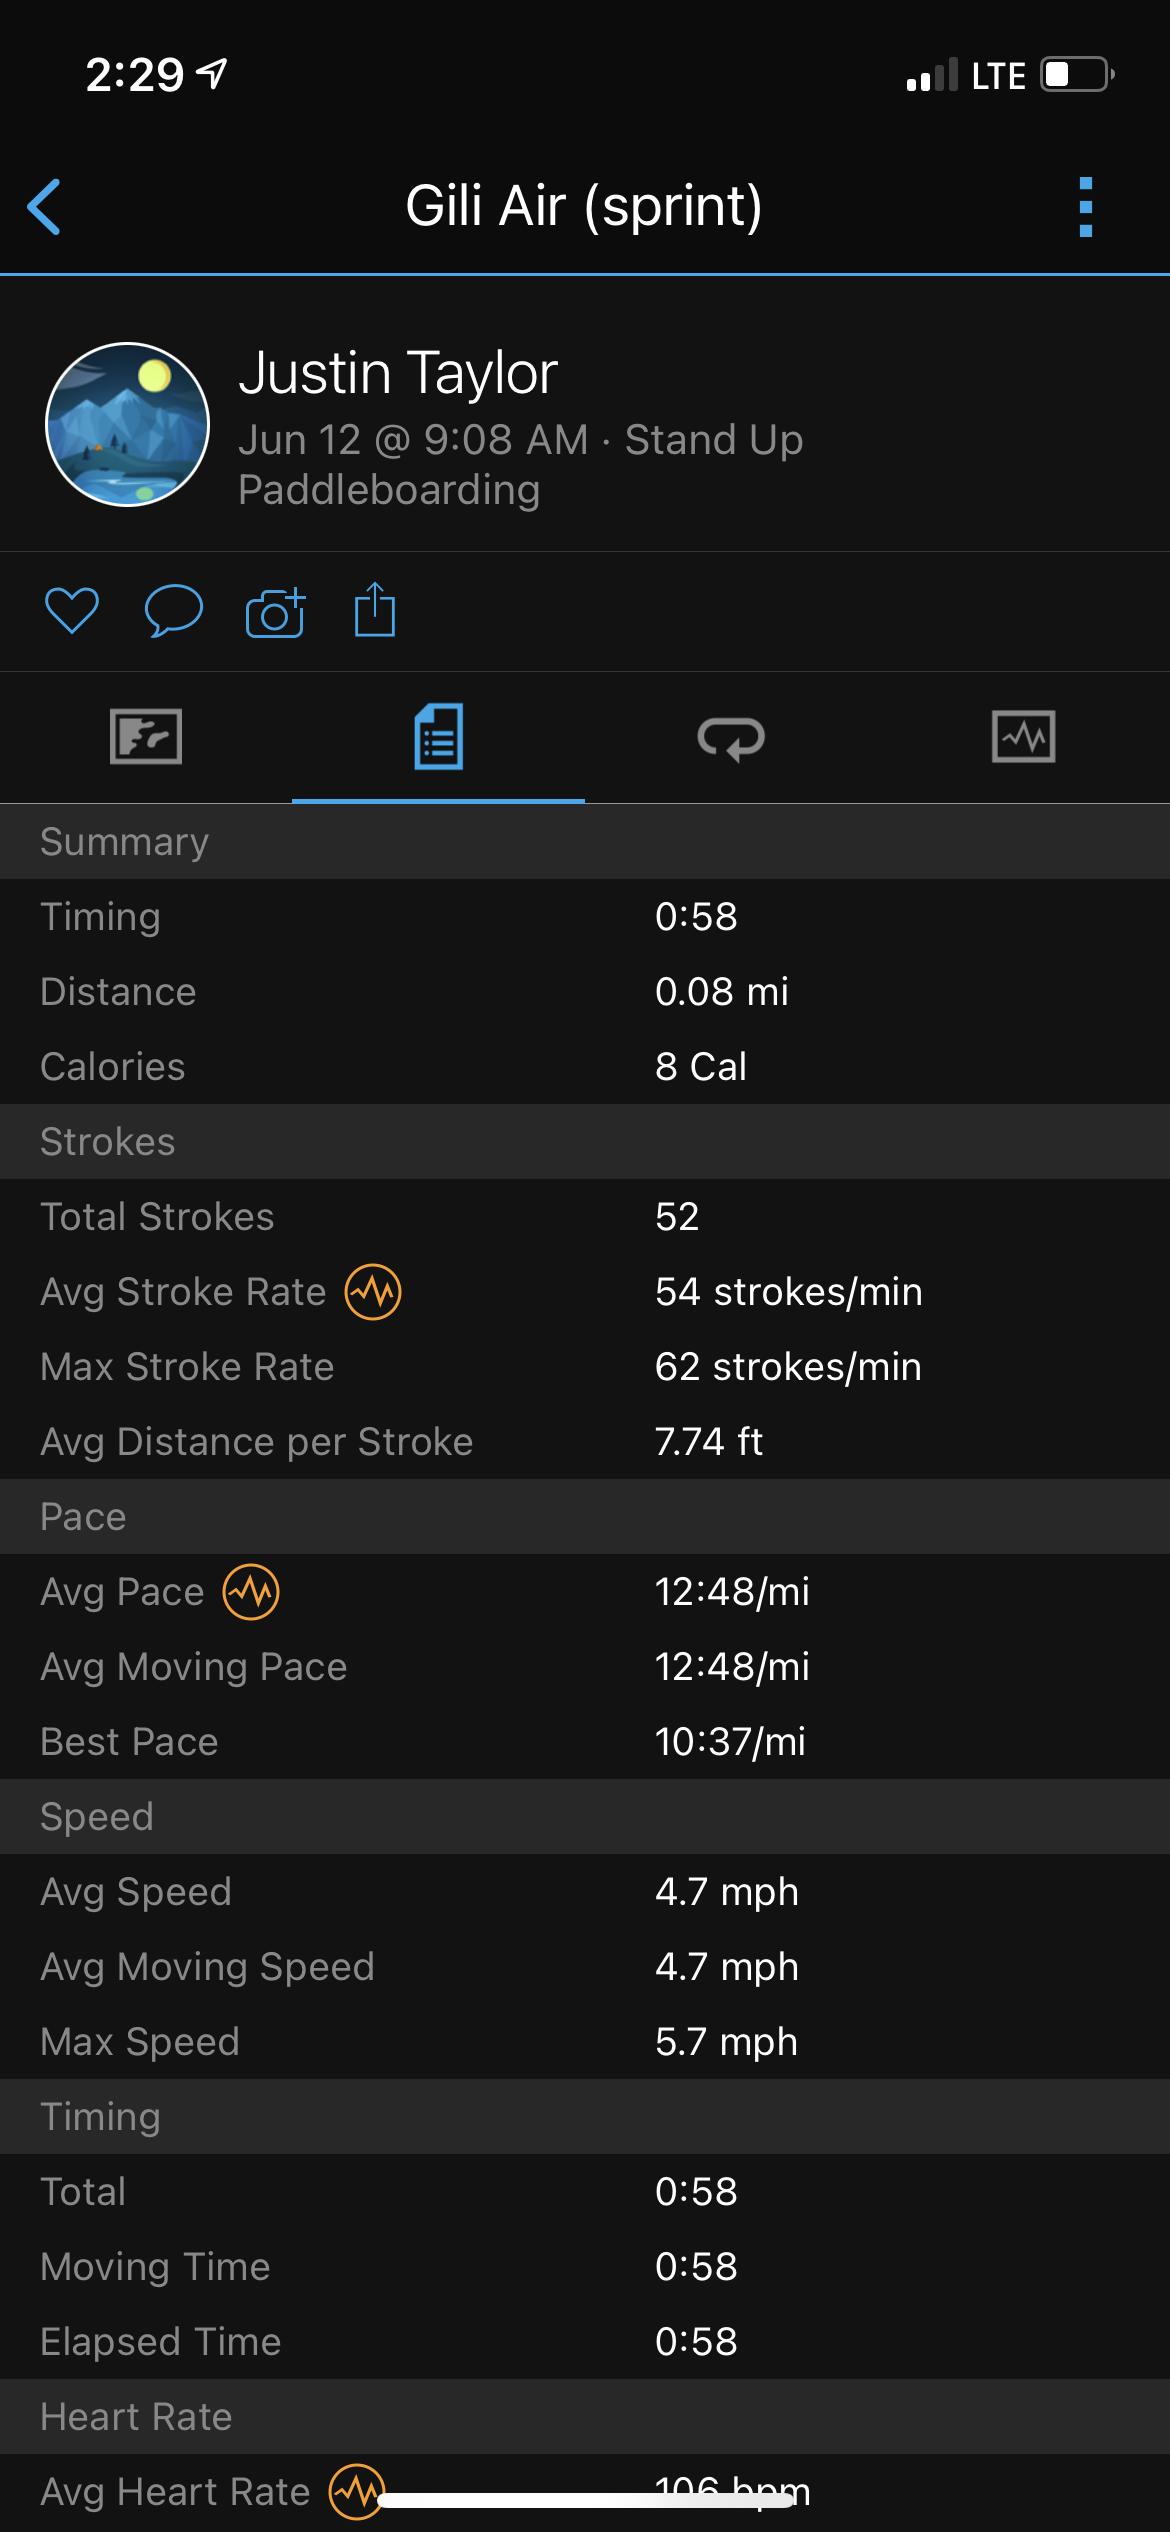 Gili Air 10'6 sprint test